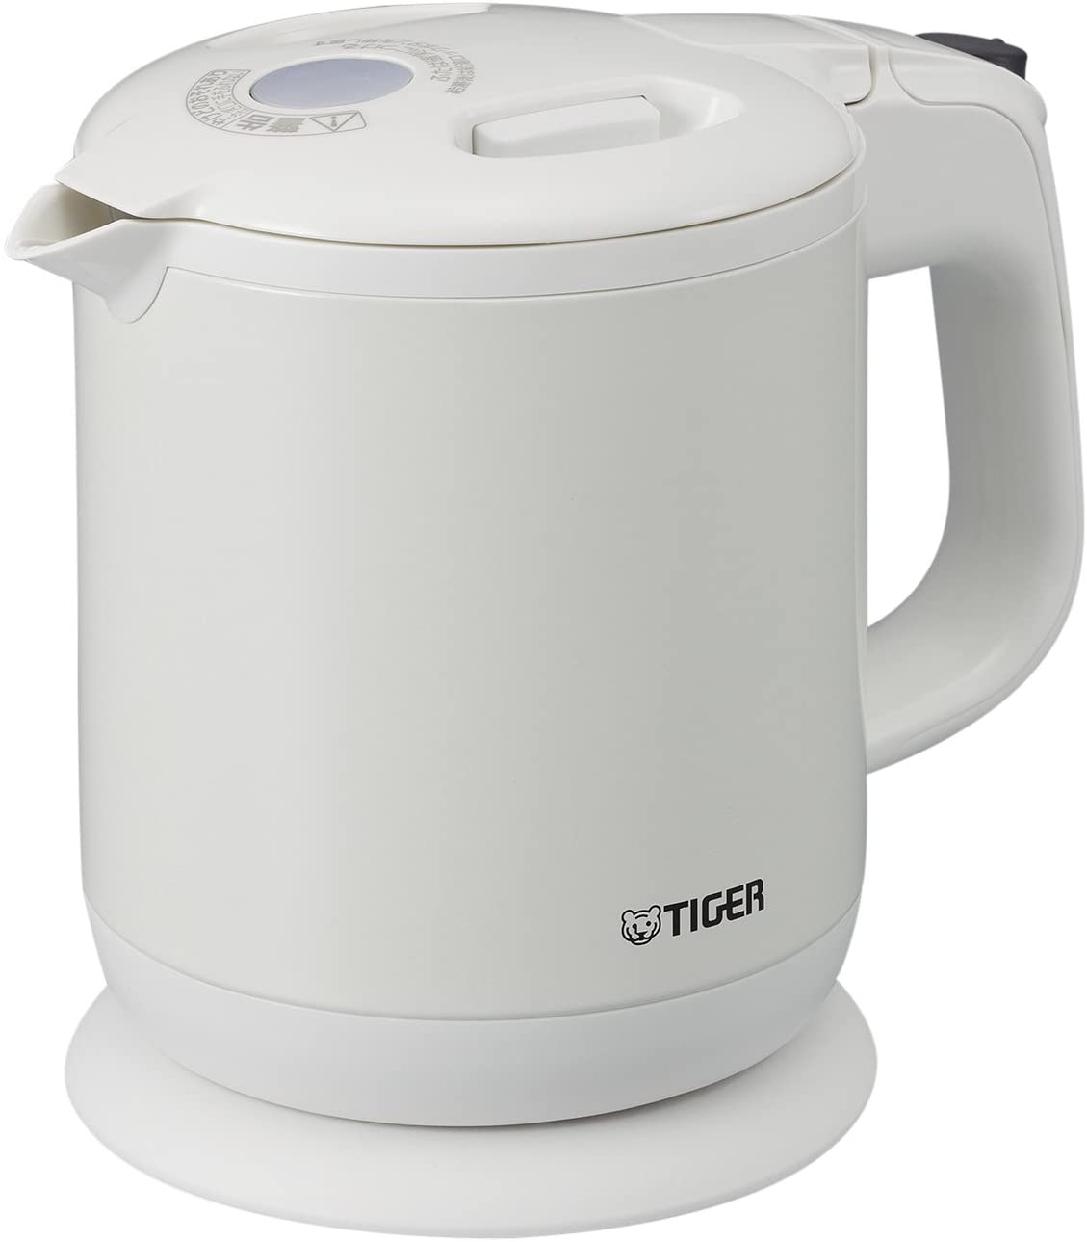 タイガー魔法瓶(TIGER) 蒸気レス 電気ケトル PCH-Gの商品画像